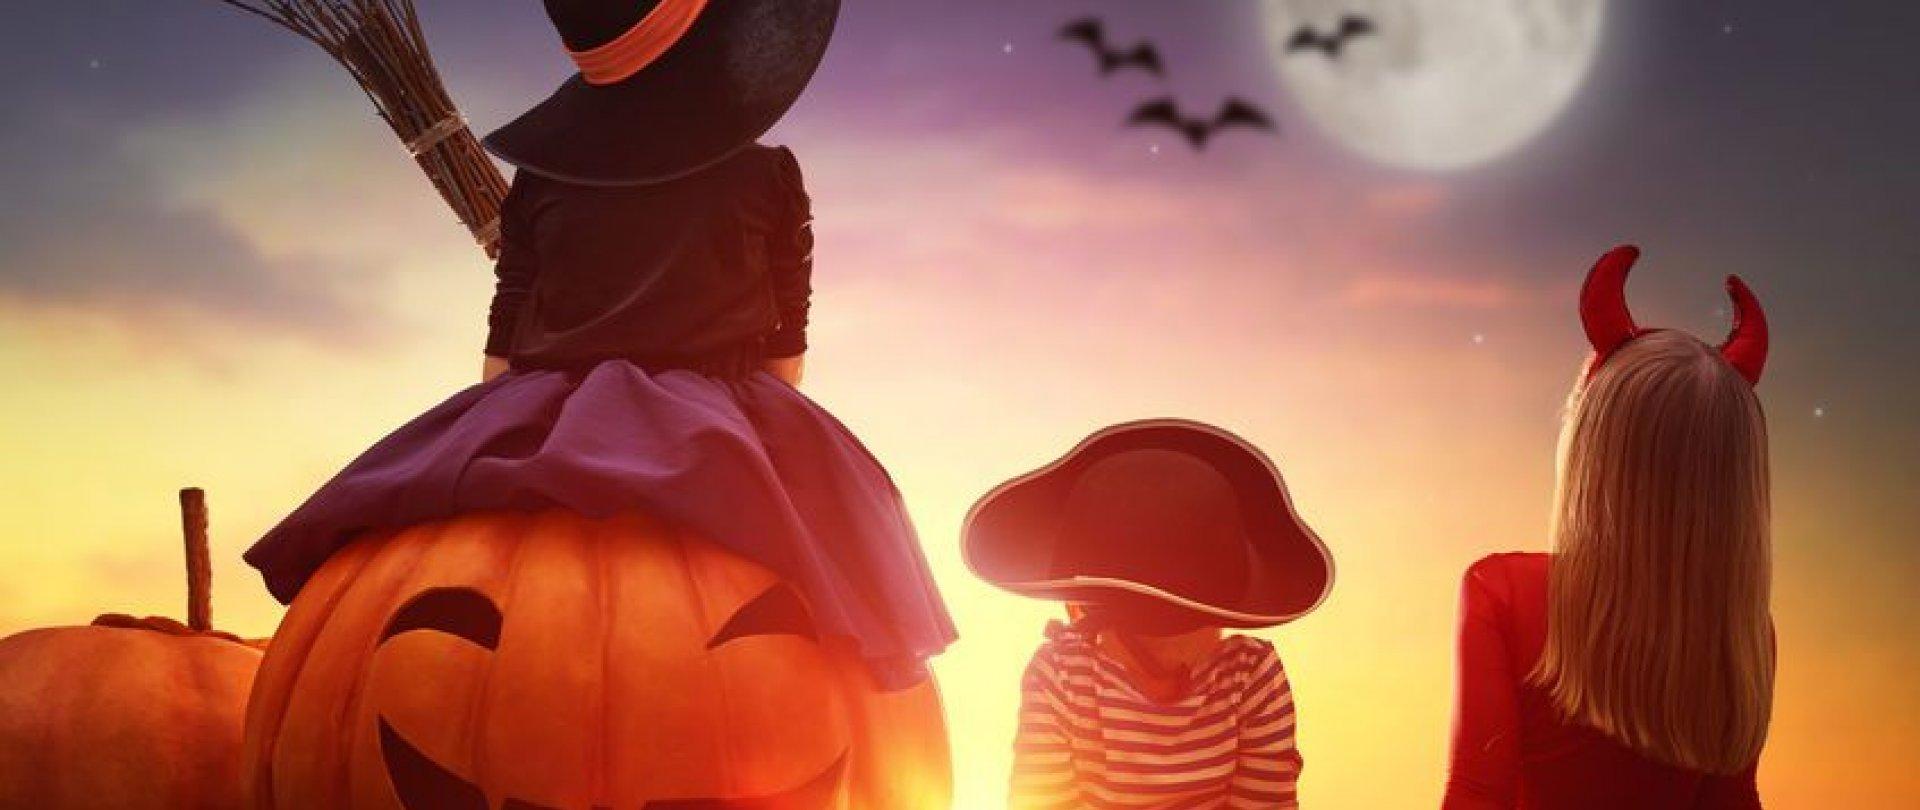 Halloween w Międzyzdrojach dla dzieci 4 dni/3 noce HB